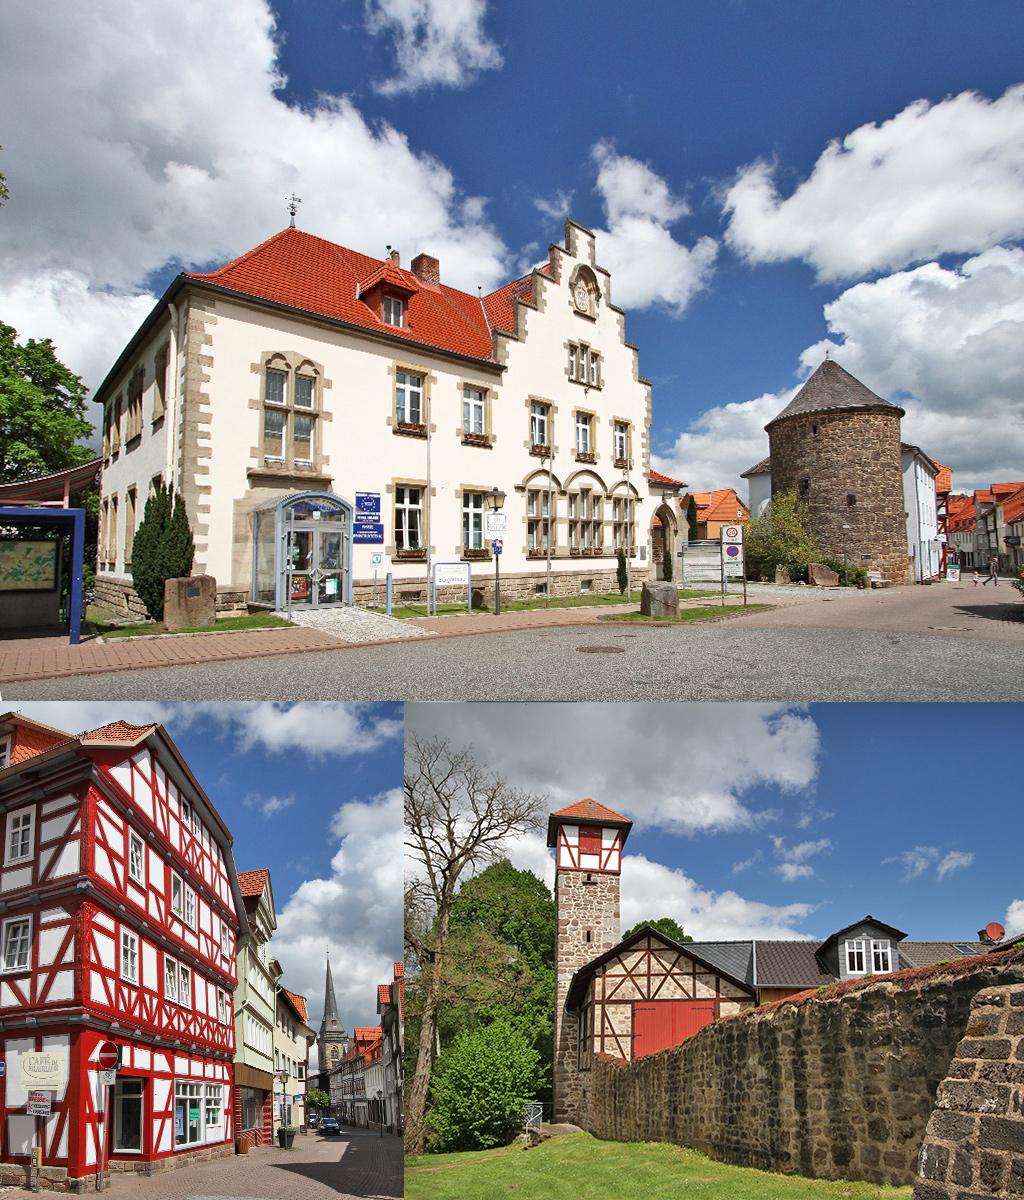 Hessisch Lichtenau rondom het Rathaus